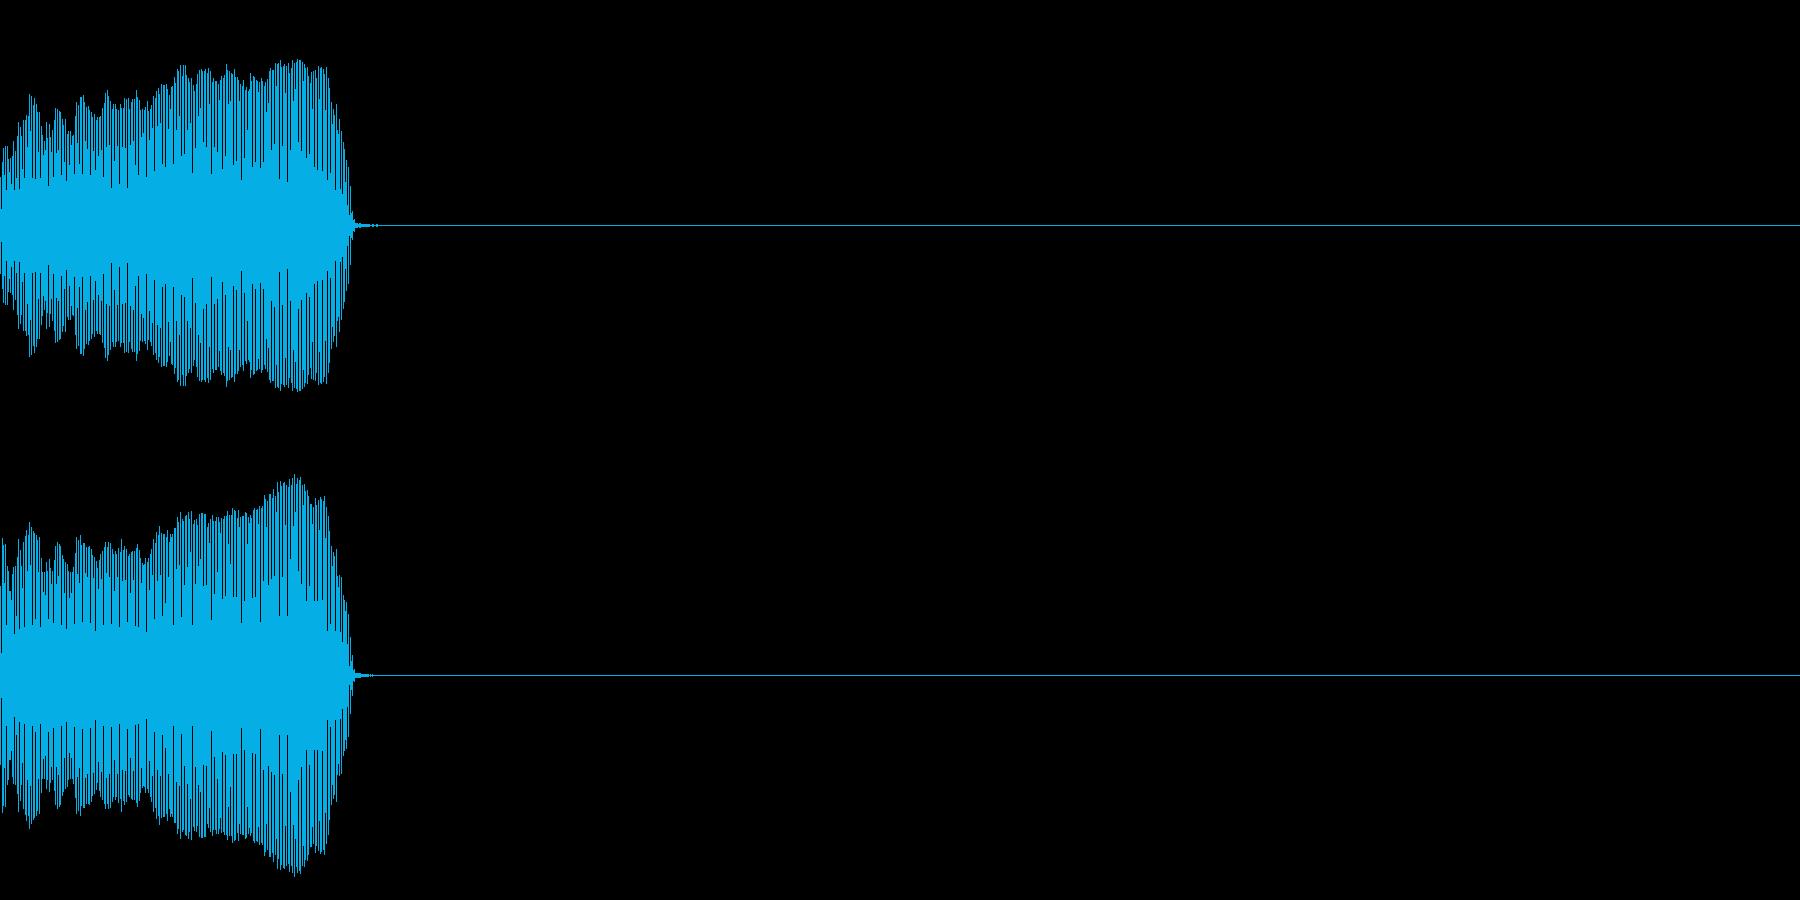 牛の鳴き声(もー)の再生済みの波形